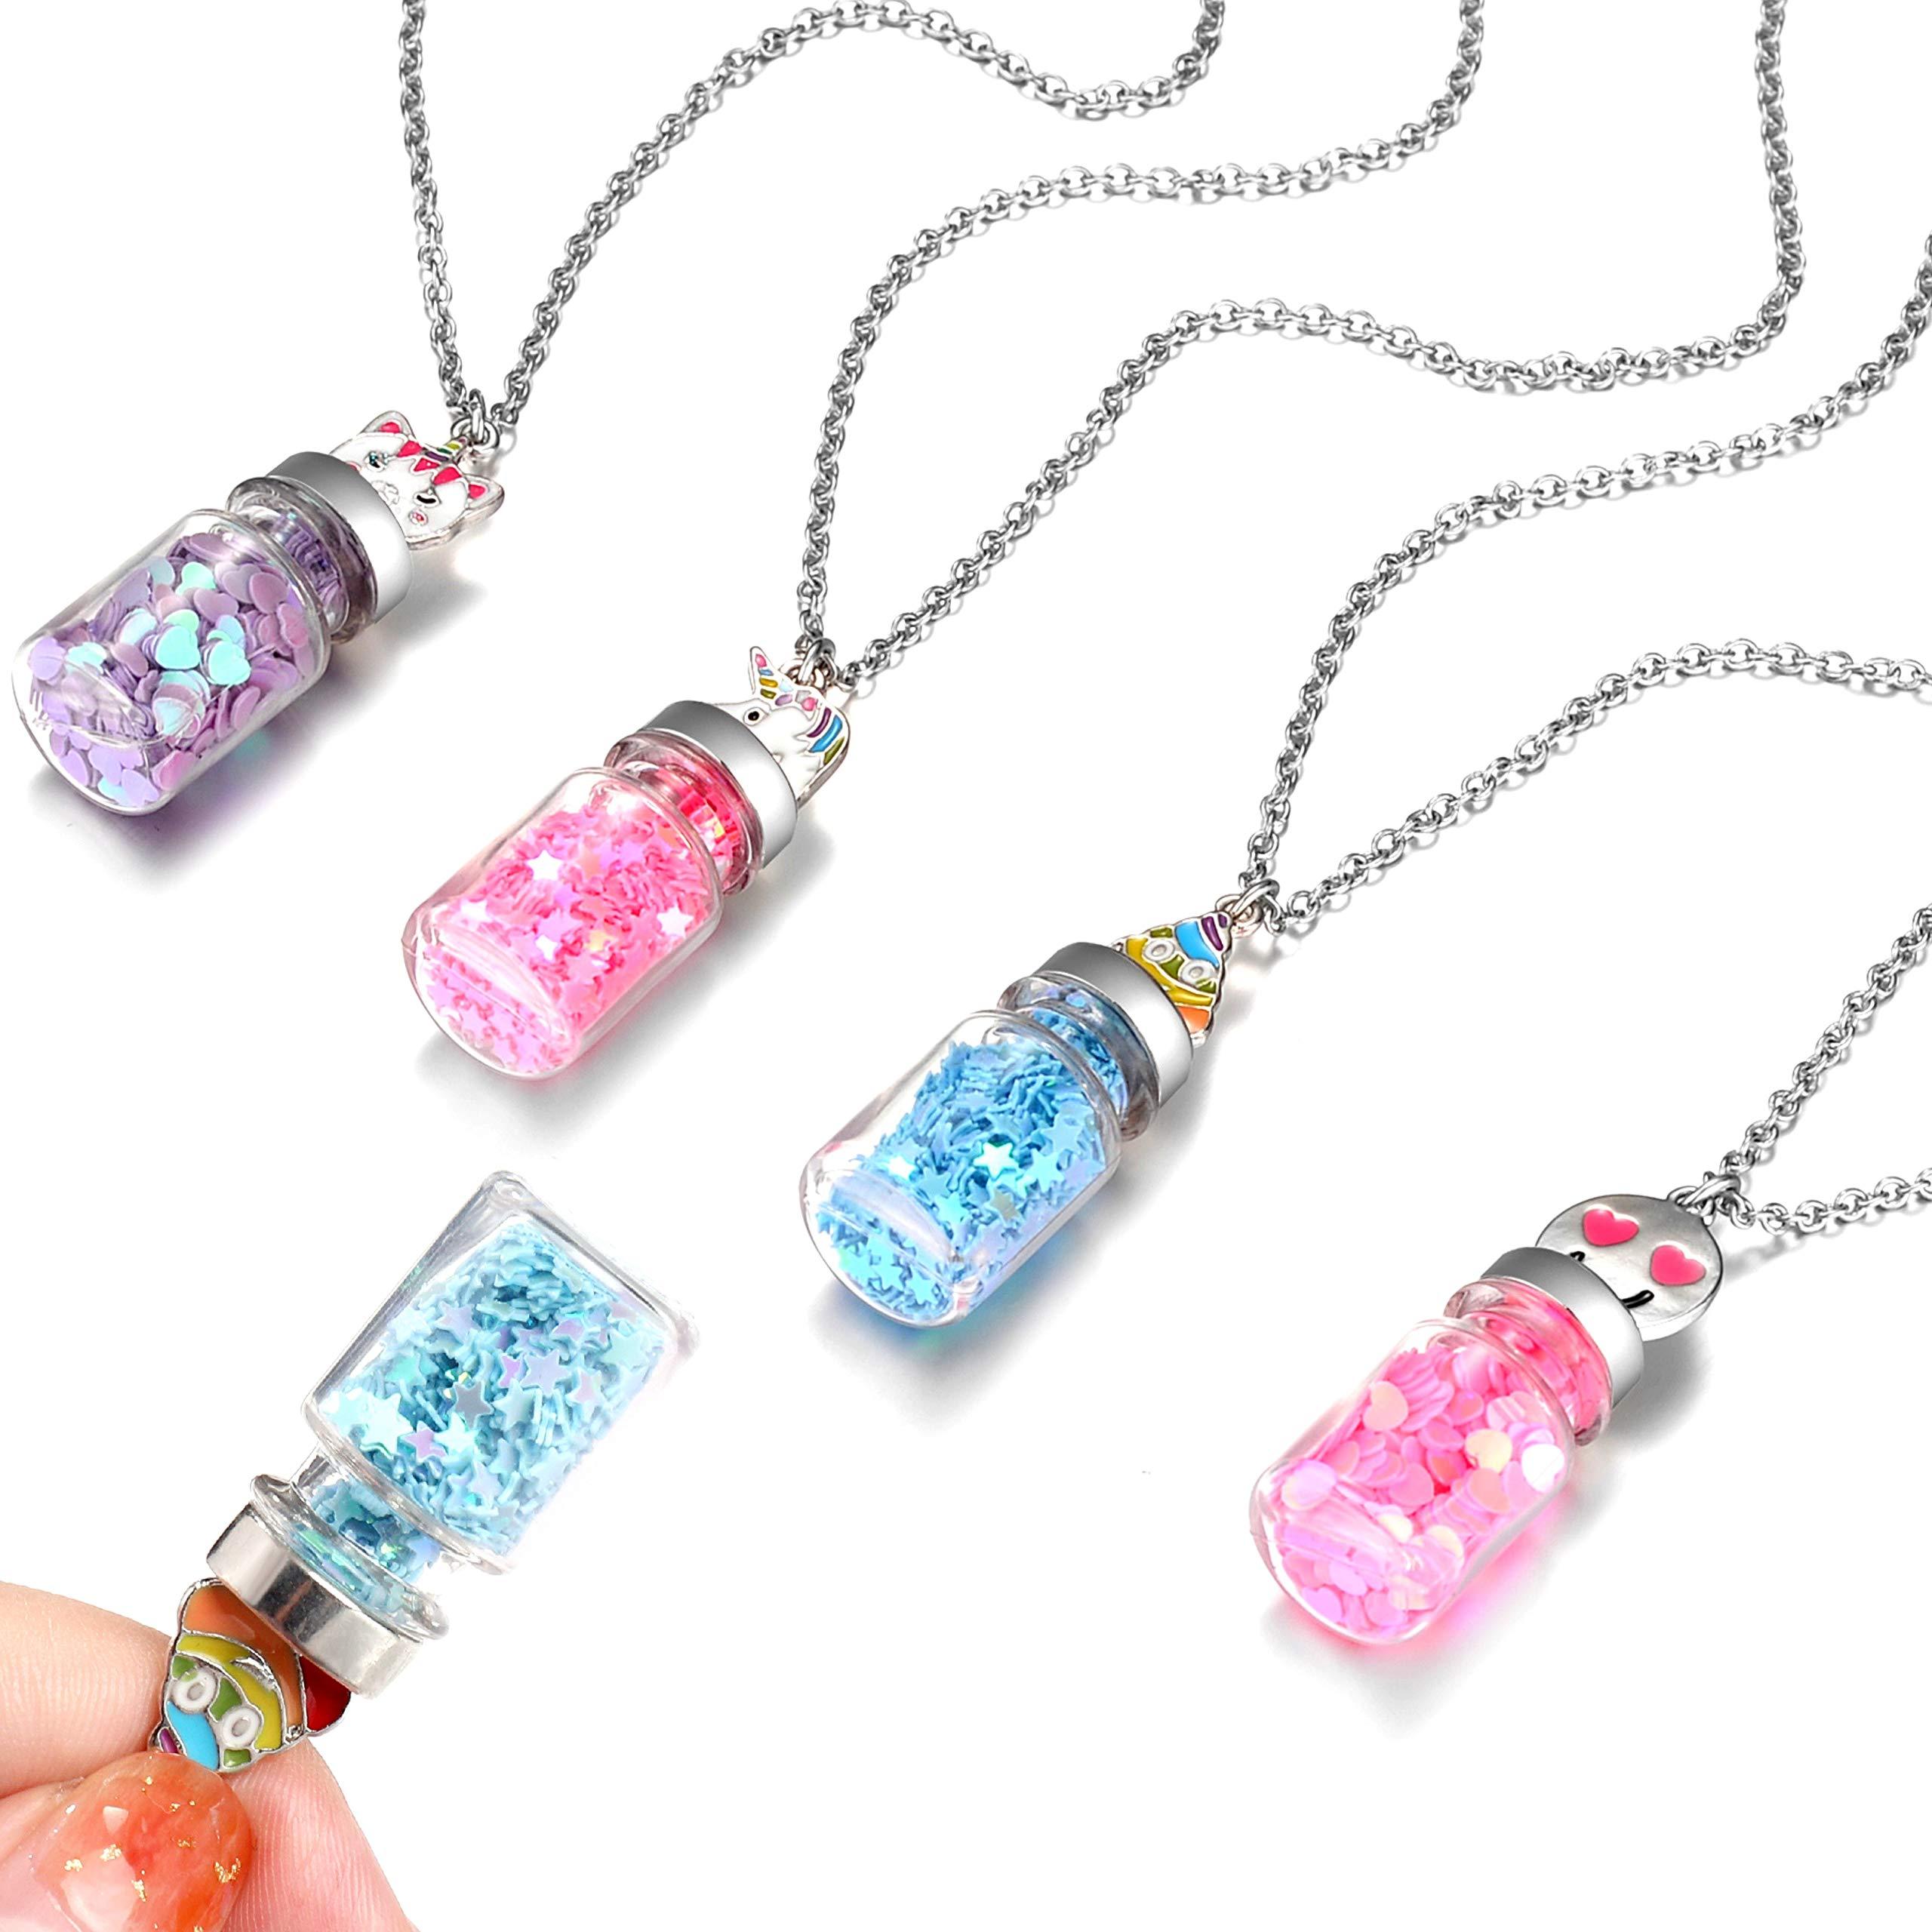 Fairy Dust Glitter Charm Necklace Children/'s Filler Gift